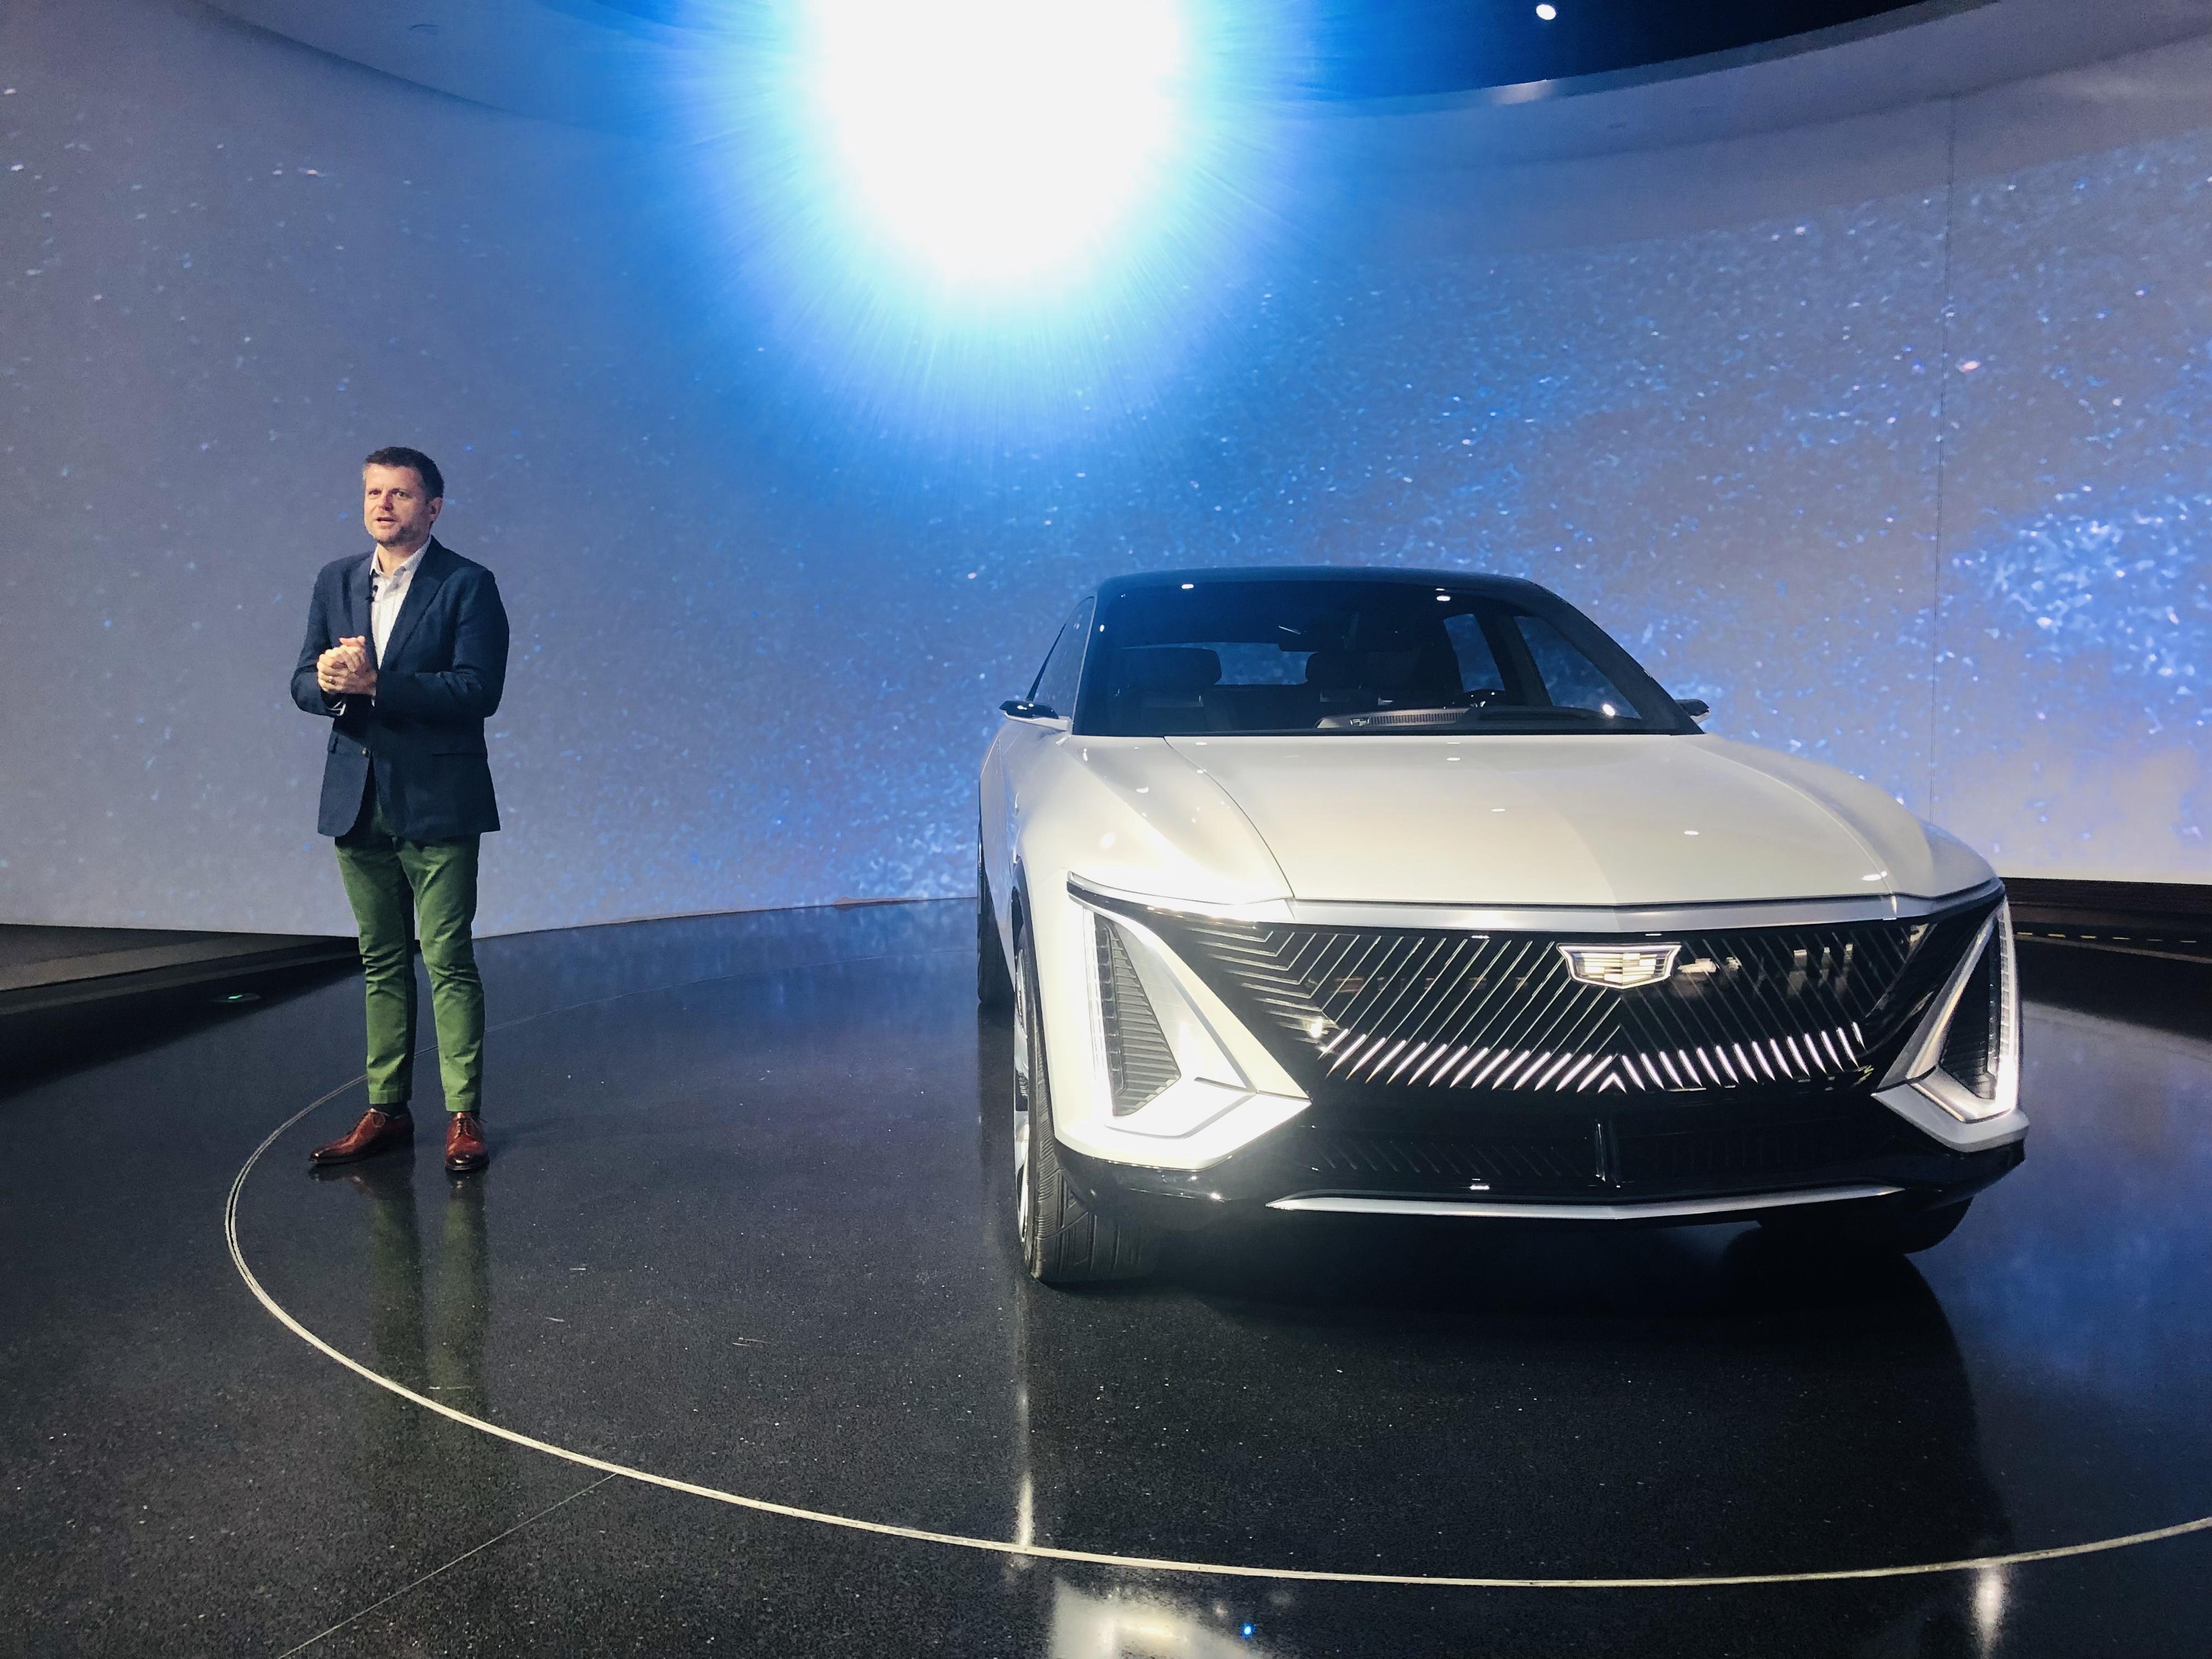 通用汽车中国及国际部设计副总裁 斯图尔特·诺里斯